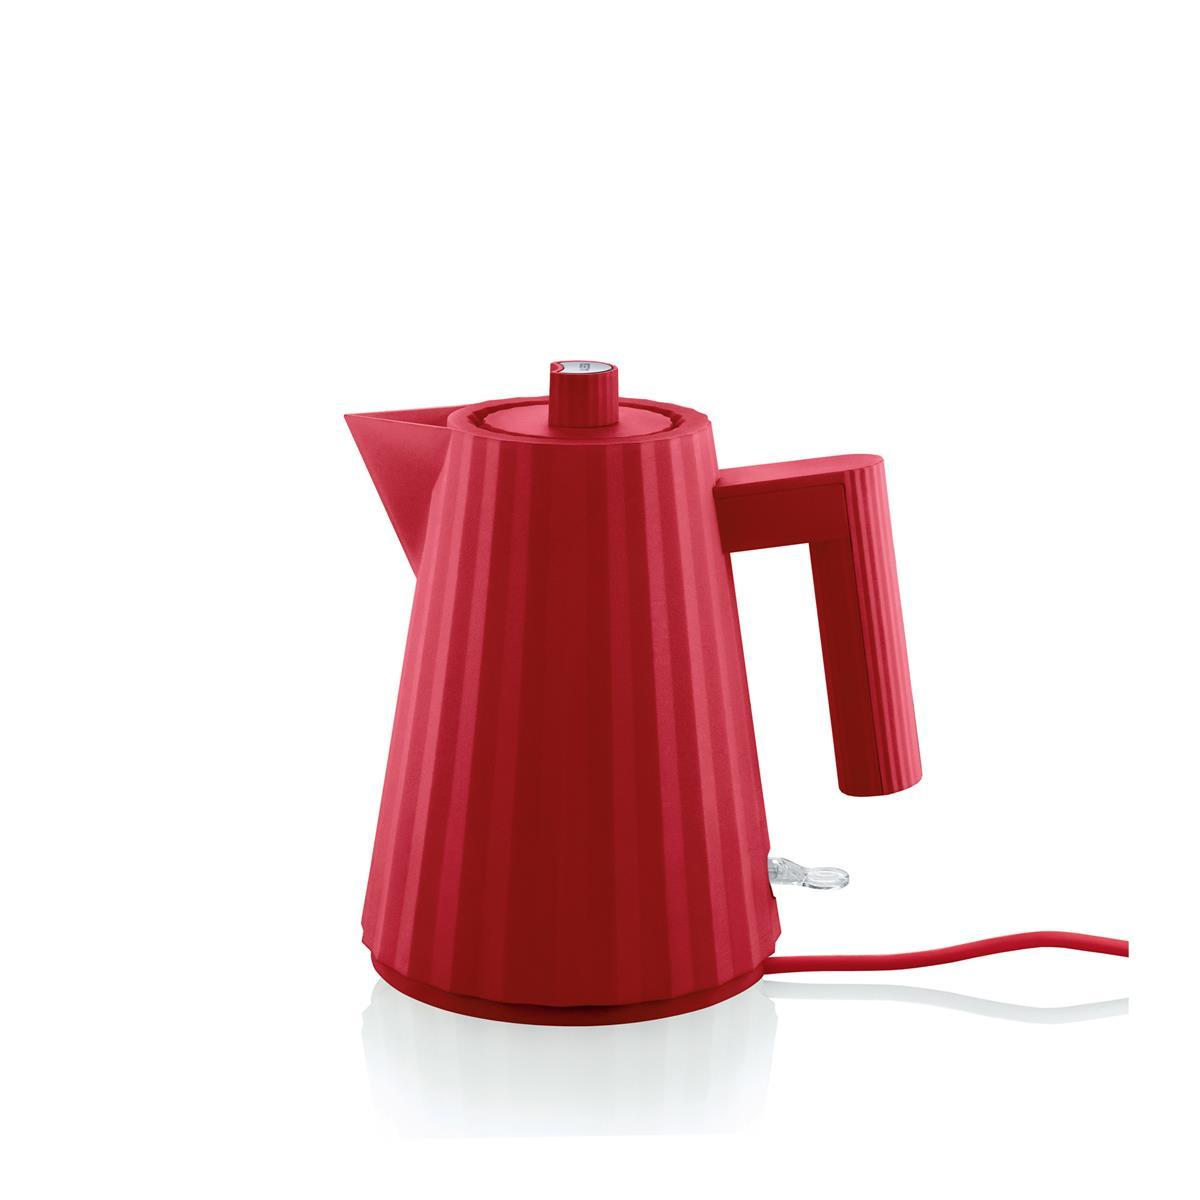 Alessi-Plissé Bollitore elettrico in resina termoplastica, rosso 2400W